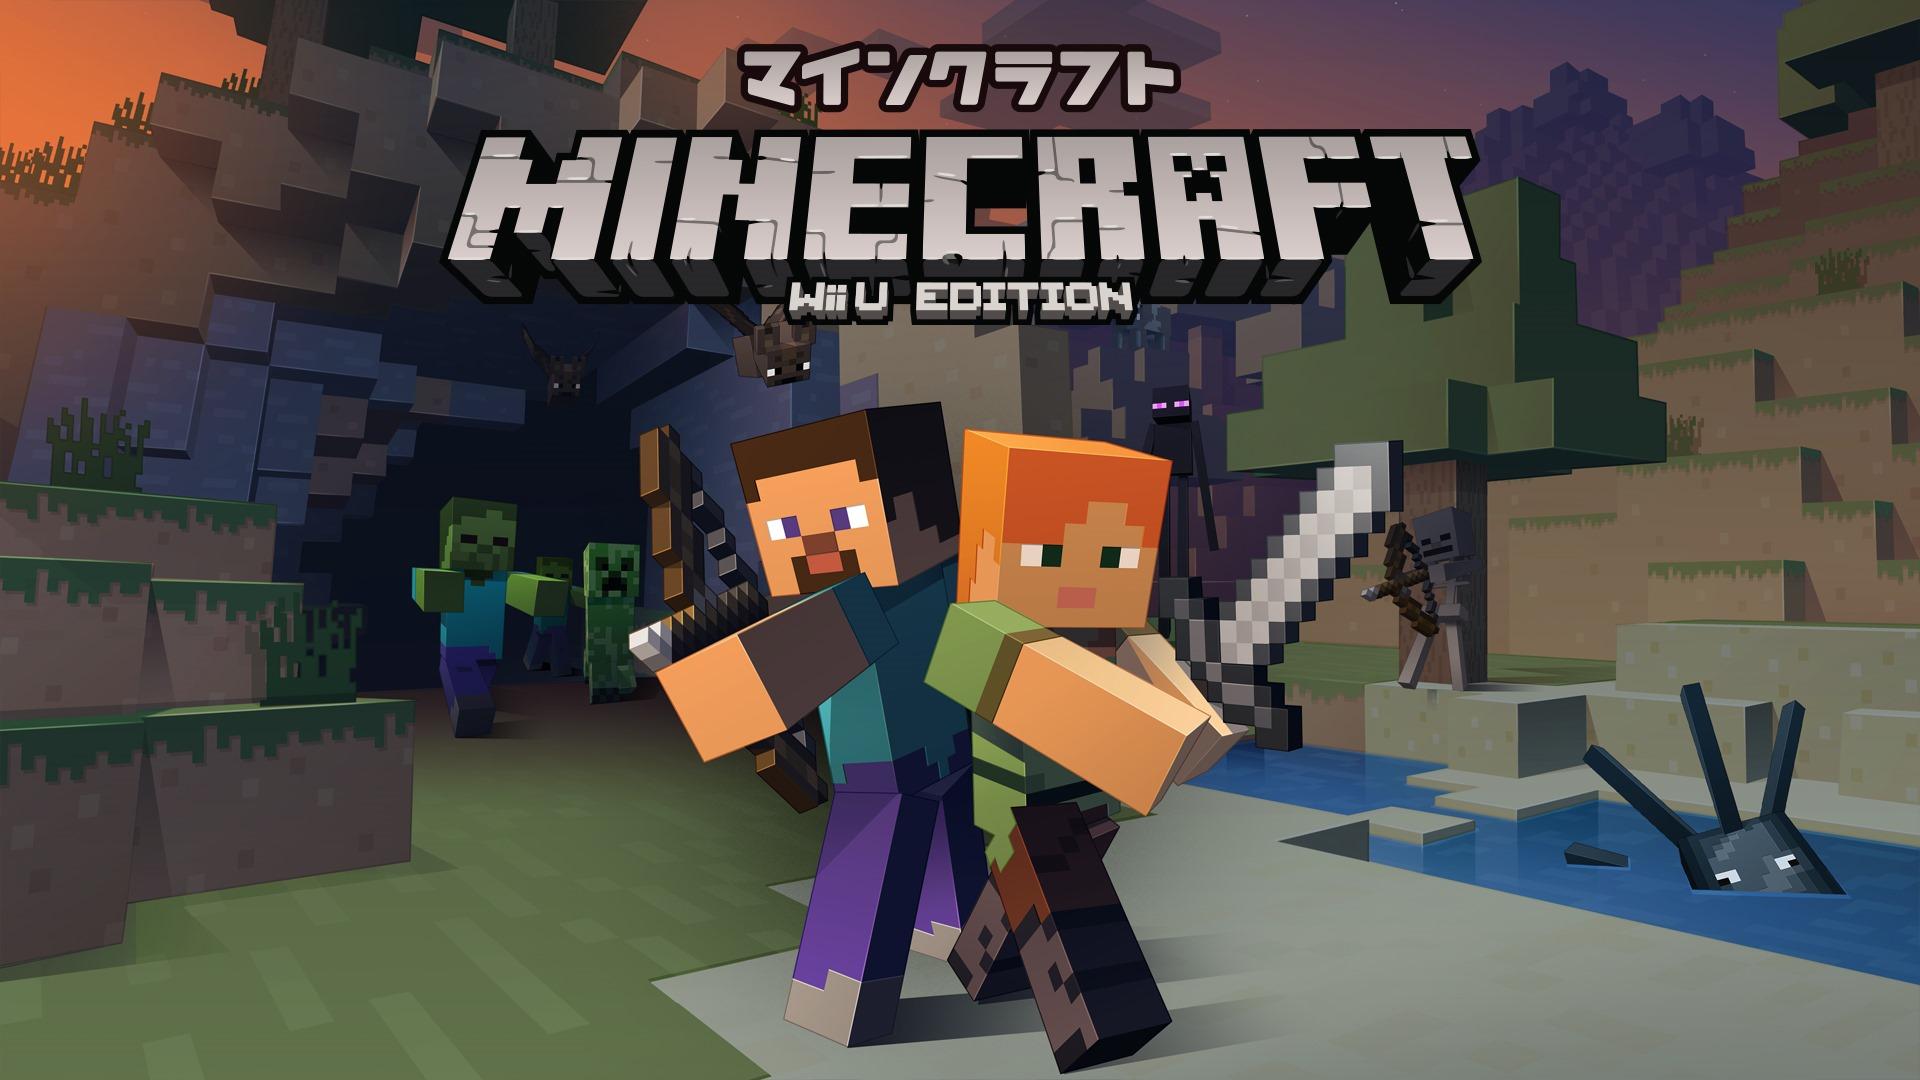 Chat Vocale in Minecraft Wii U